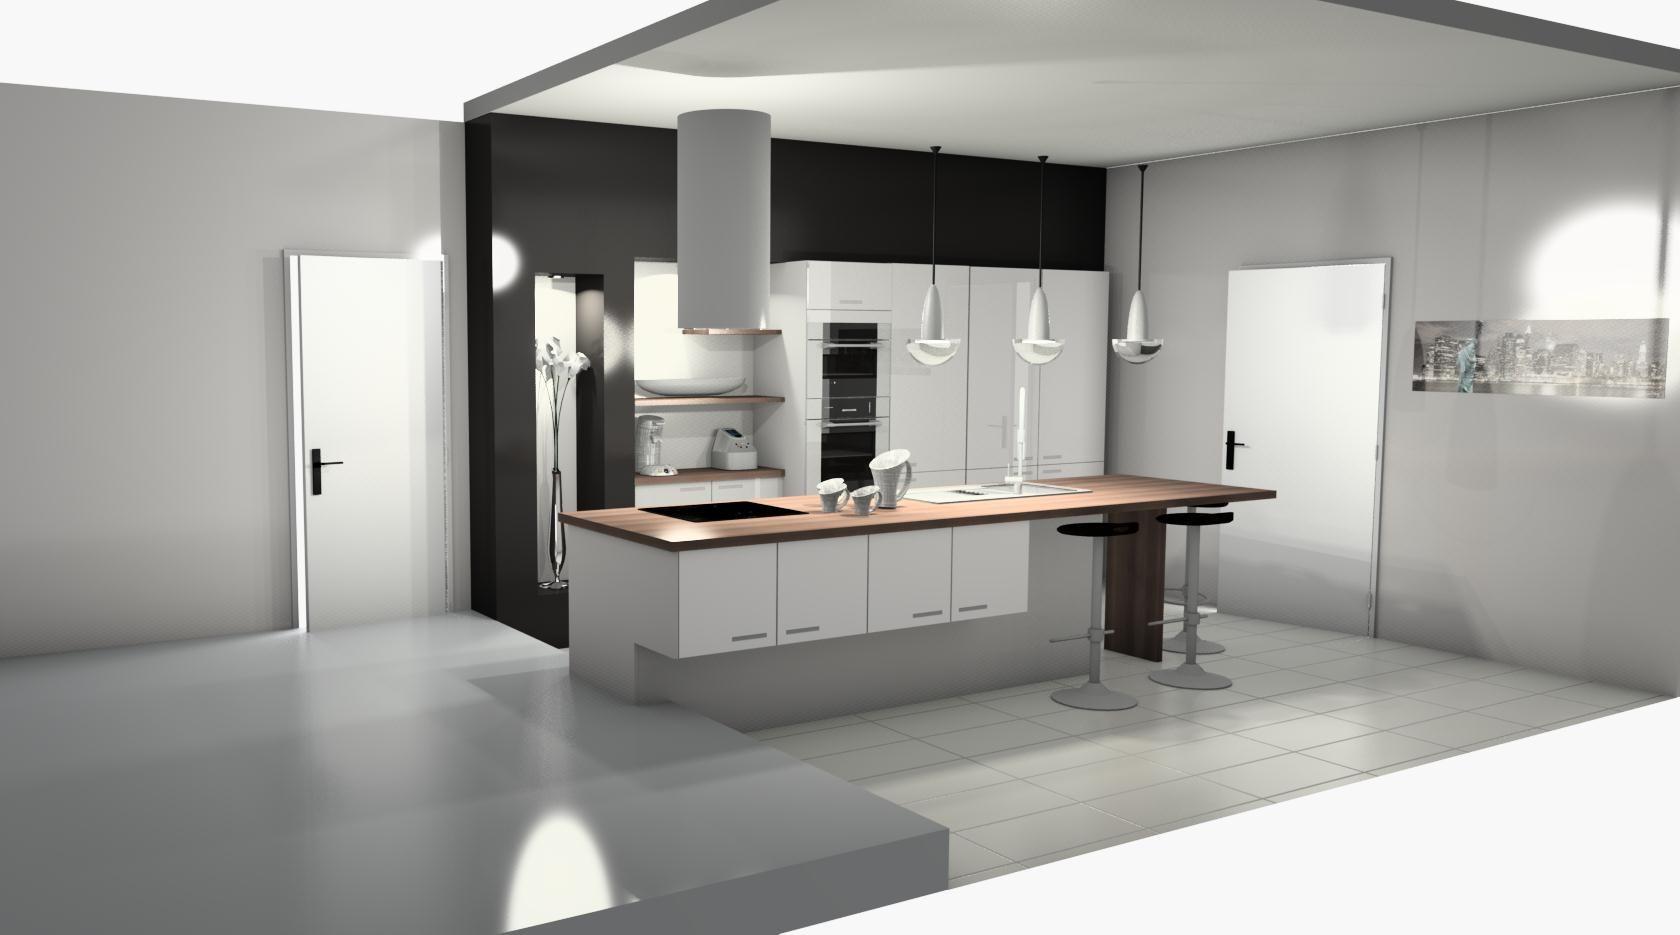 Elegant cuisine allemande marque cuisine leicht u for Fabricant cuisine allemande